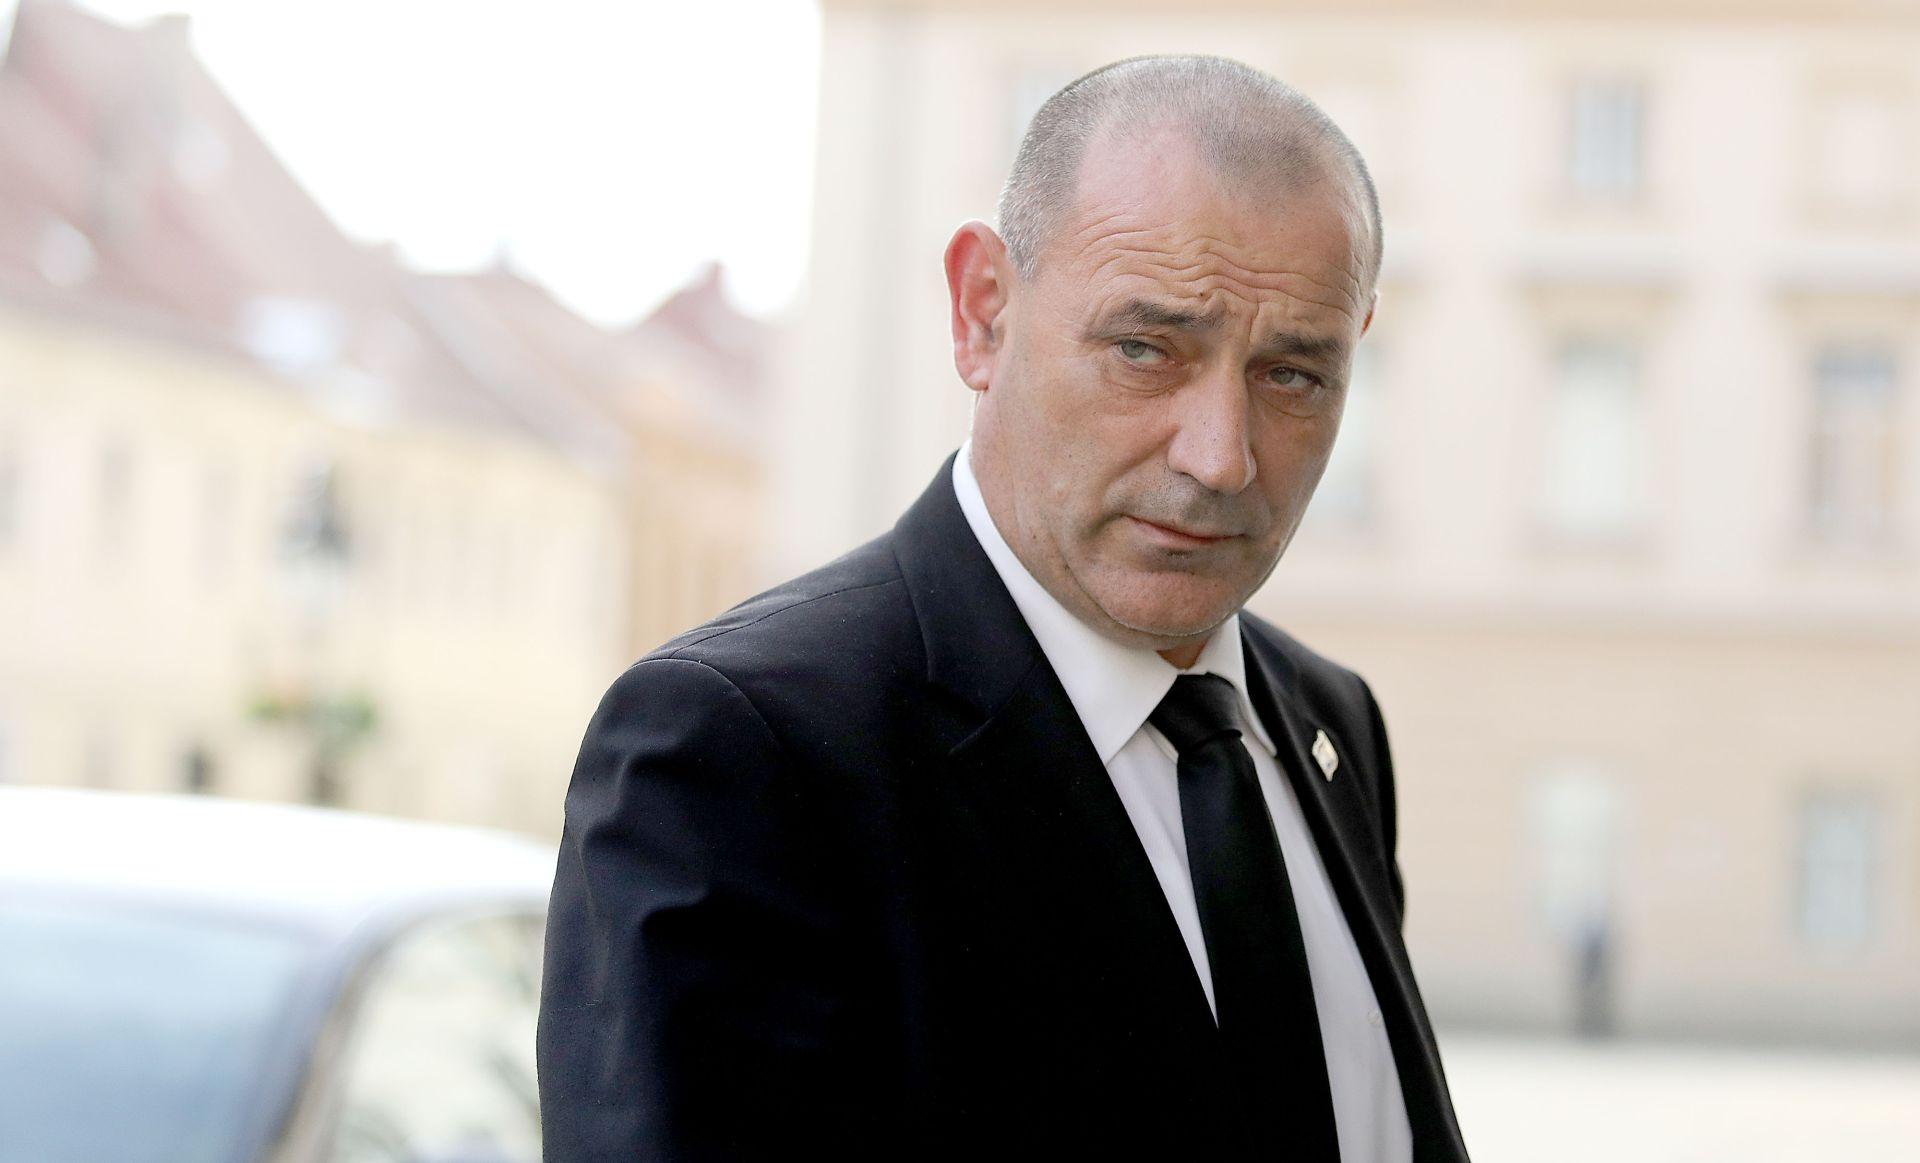 OTOK Obilježena 25. godišnjica pogibije četvorice hrvatskih zrakoplovaca